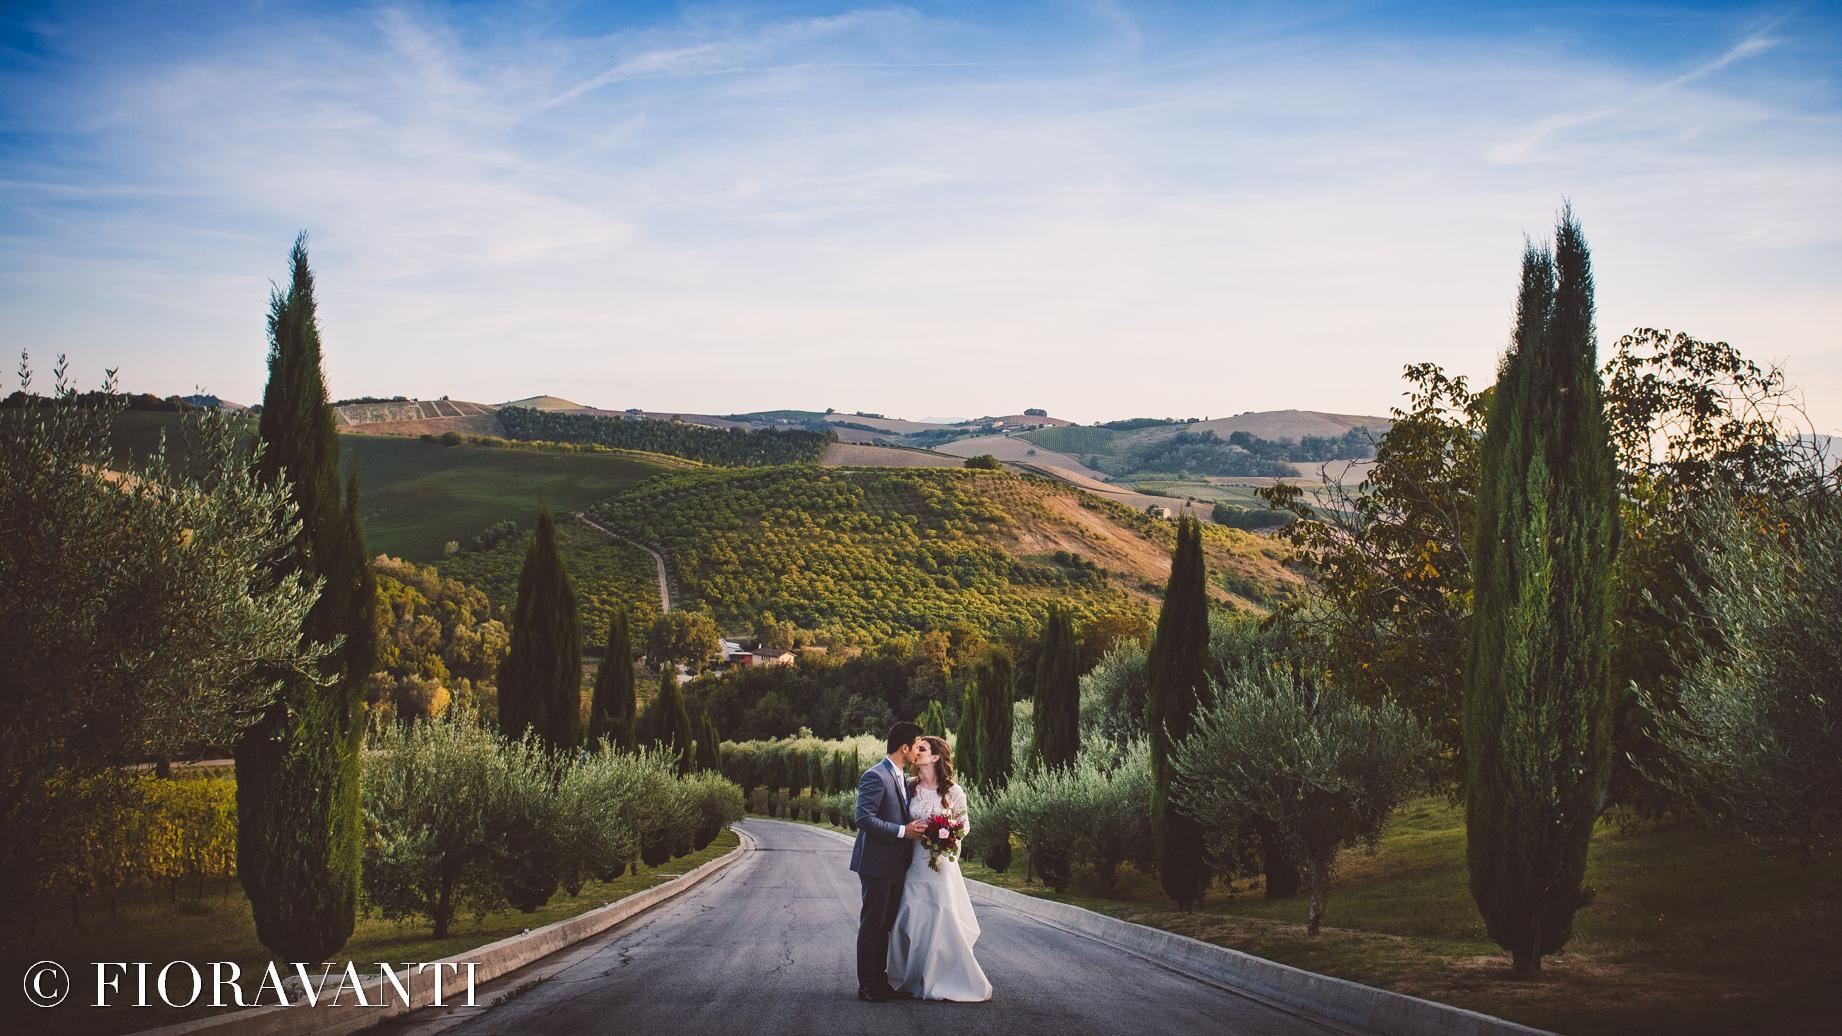 Fotografo matrimoni Marche Studio Fotografico Fioravanti Ascoli Piceno Livio Fioravanti Fotografo Matrimonio Ascoli Piceno Montefiore 42